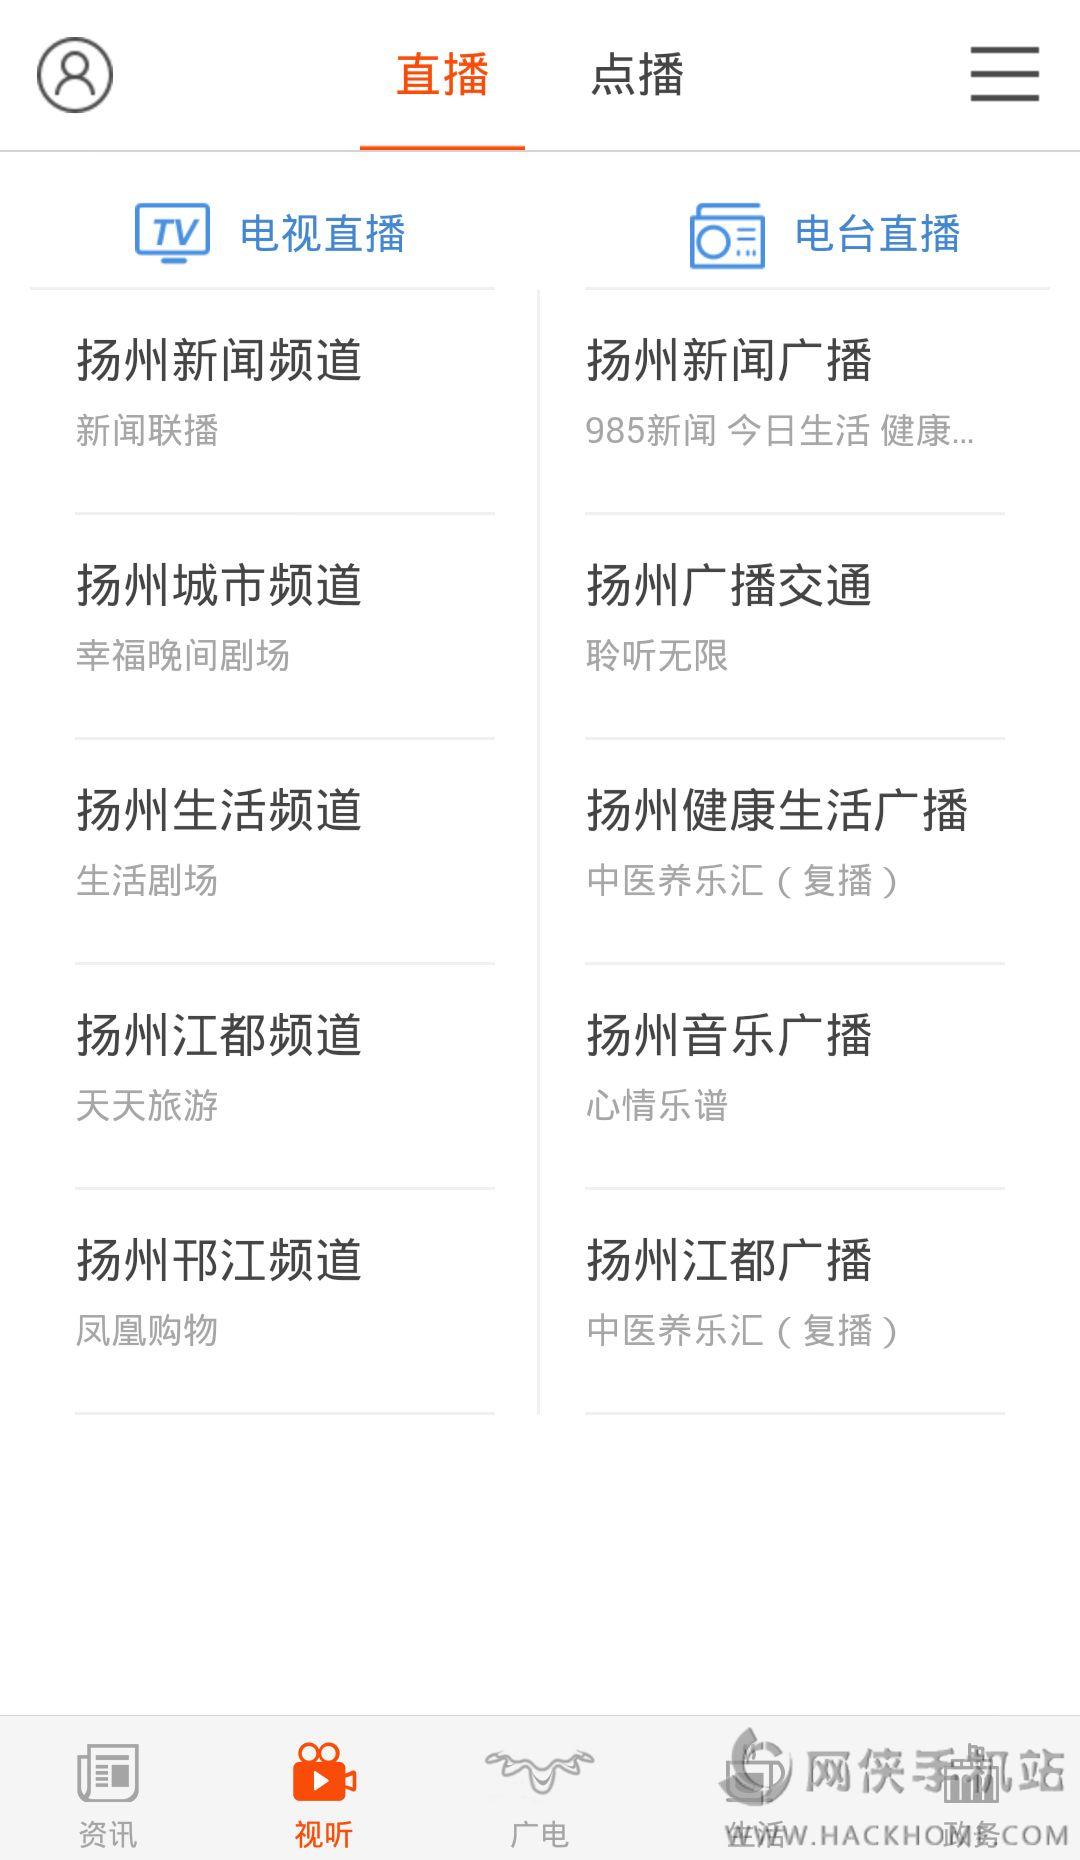 扬州广电扬帆app官方下载客户端图3: